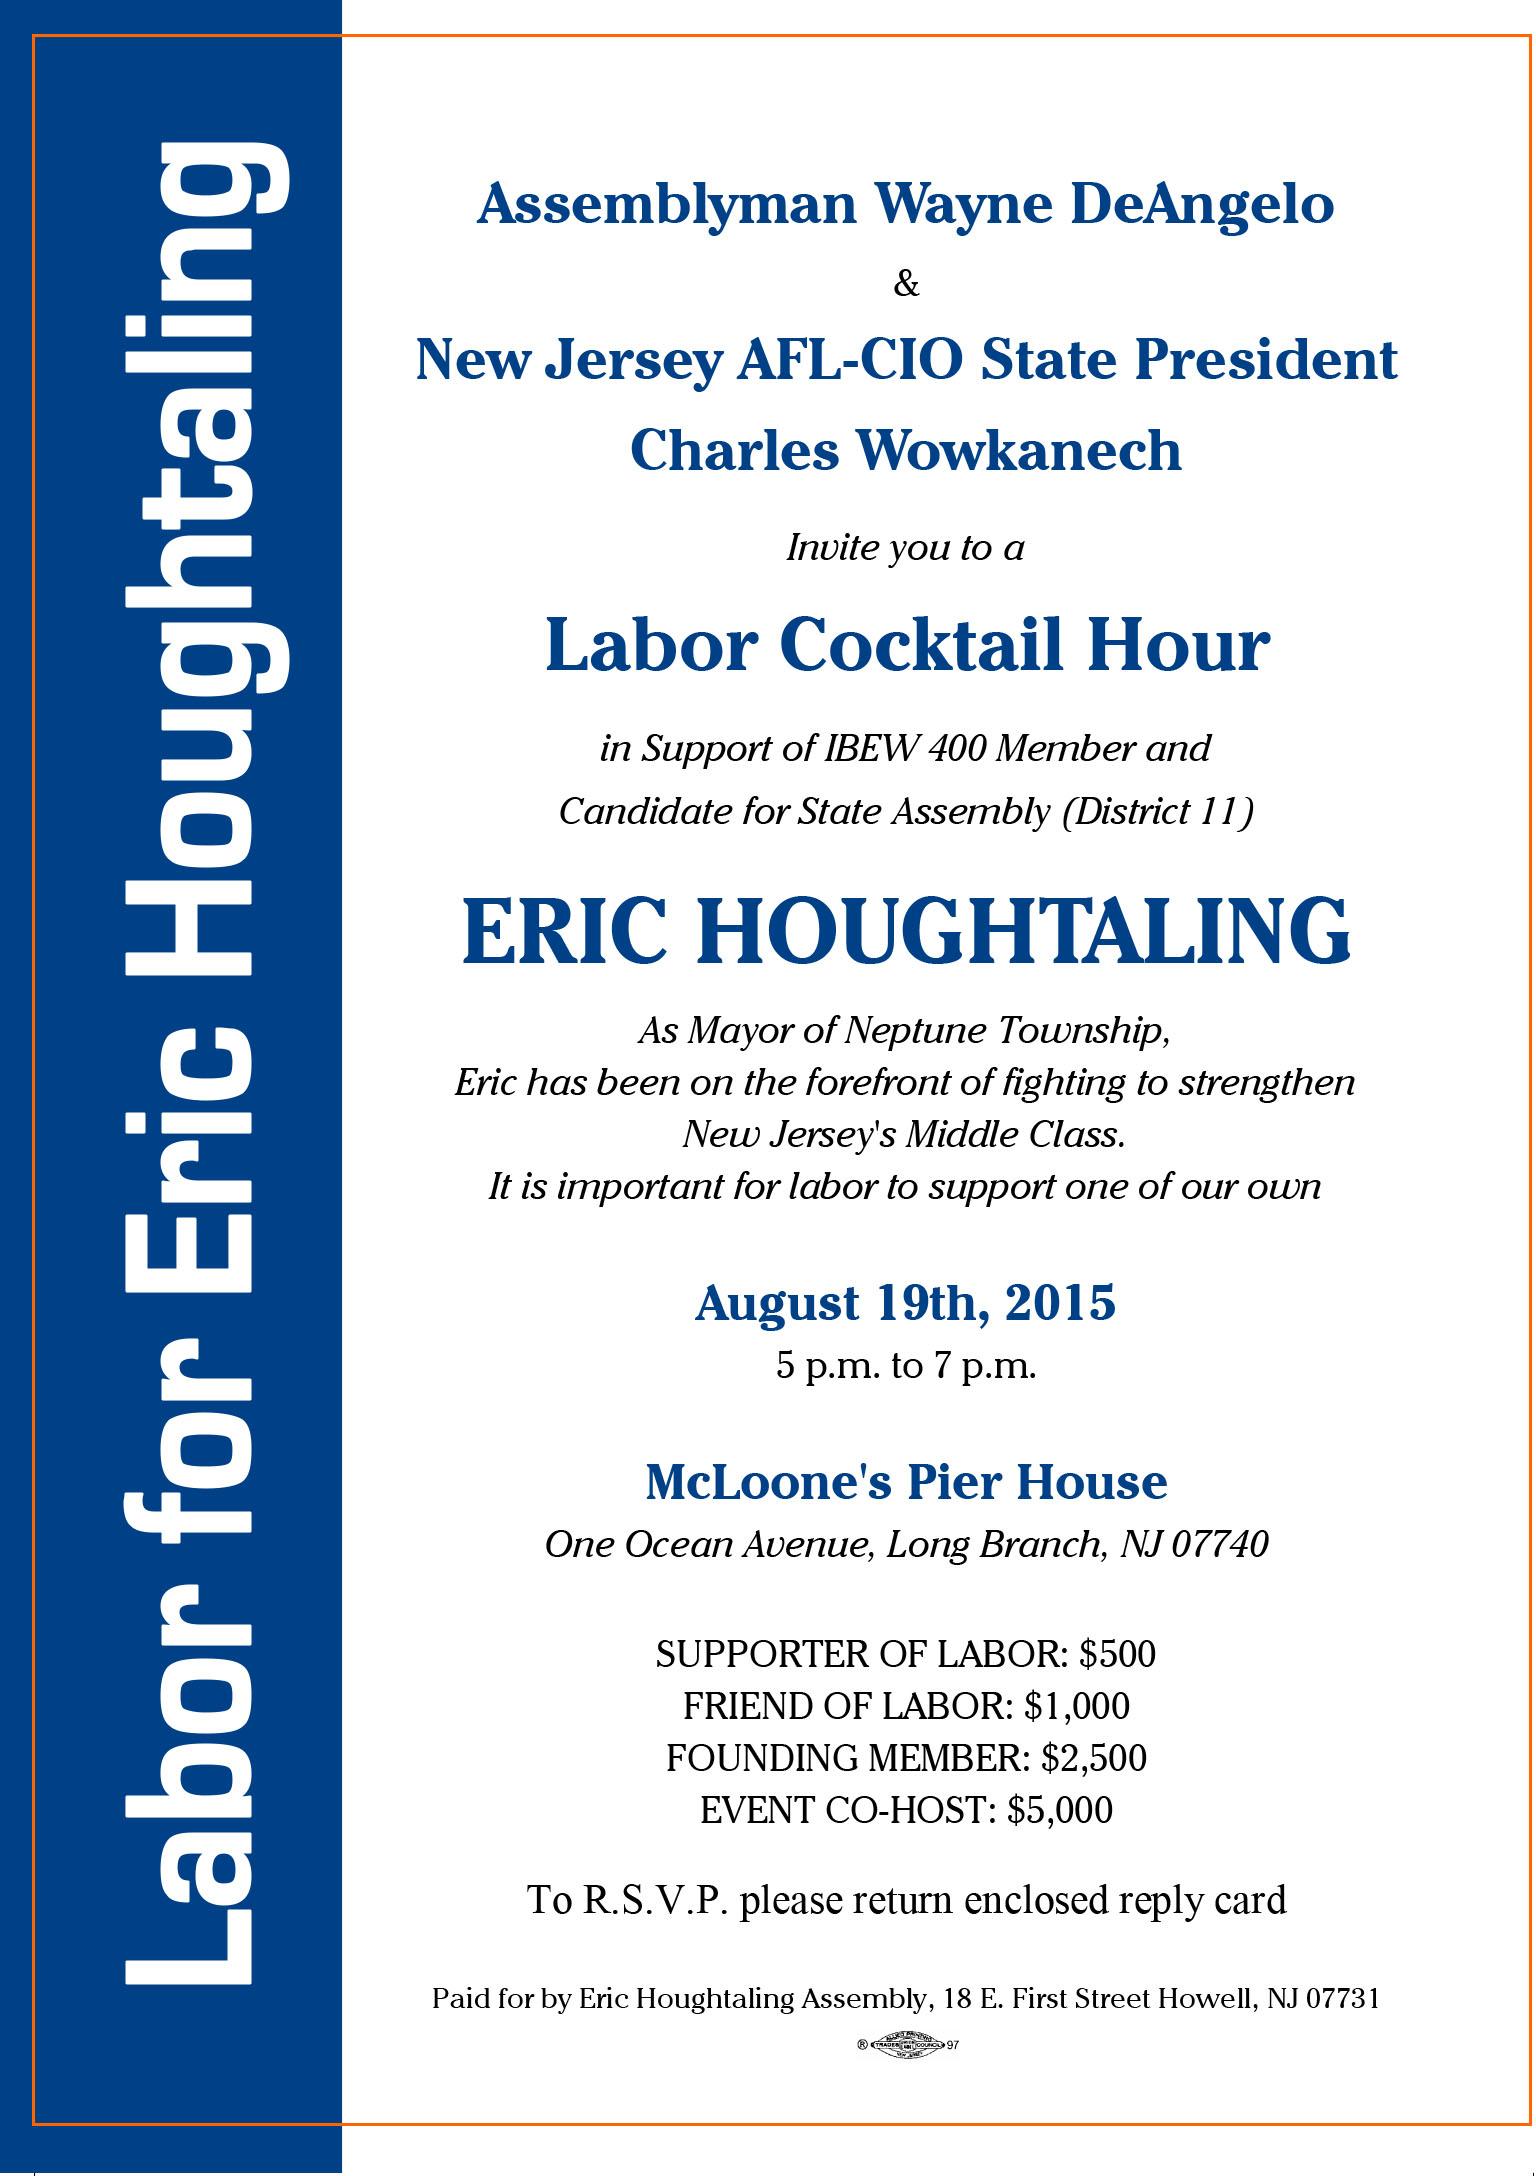 Aug_19_Houghtaling_Invite.jpg